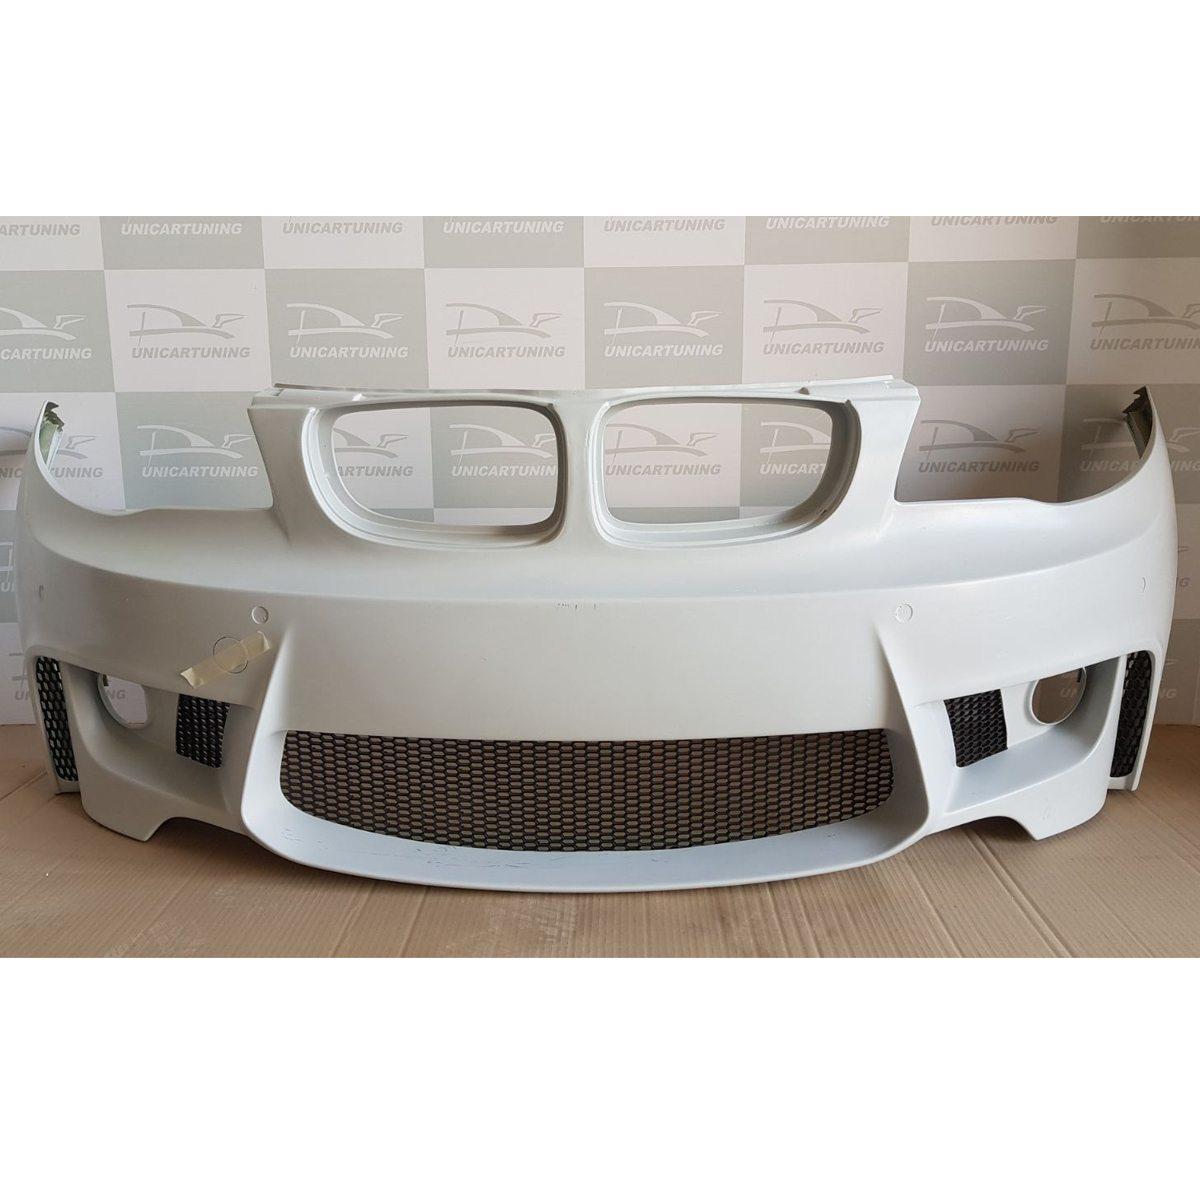 BMW-Serie-1-Para-choques-Frente-Look-M1-c-sup-F.N.-12